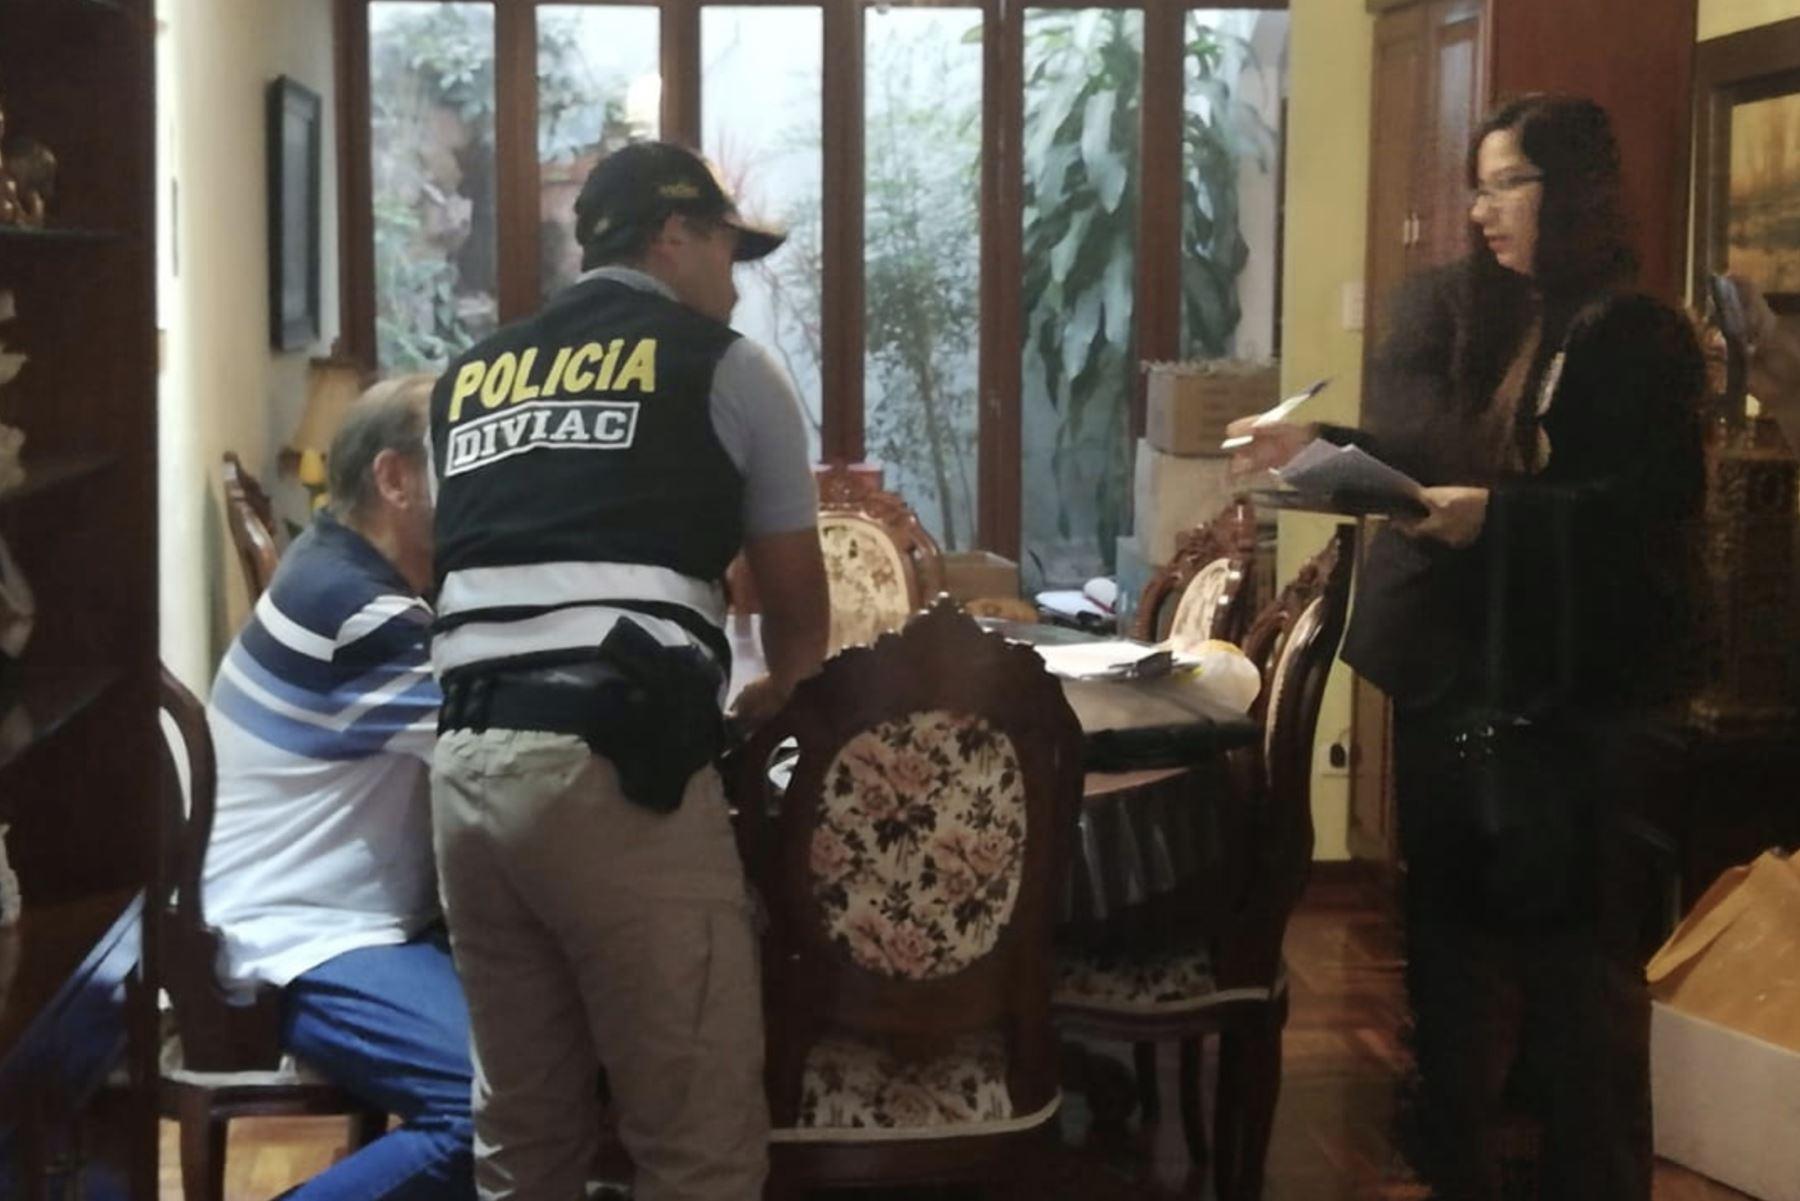 La jueza María de los Ángeles Álvarez dispuso la detención preliminar del exprimer ministro Yehude Simon. Foto: Diviac